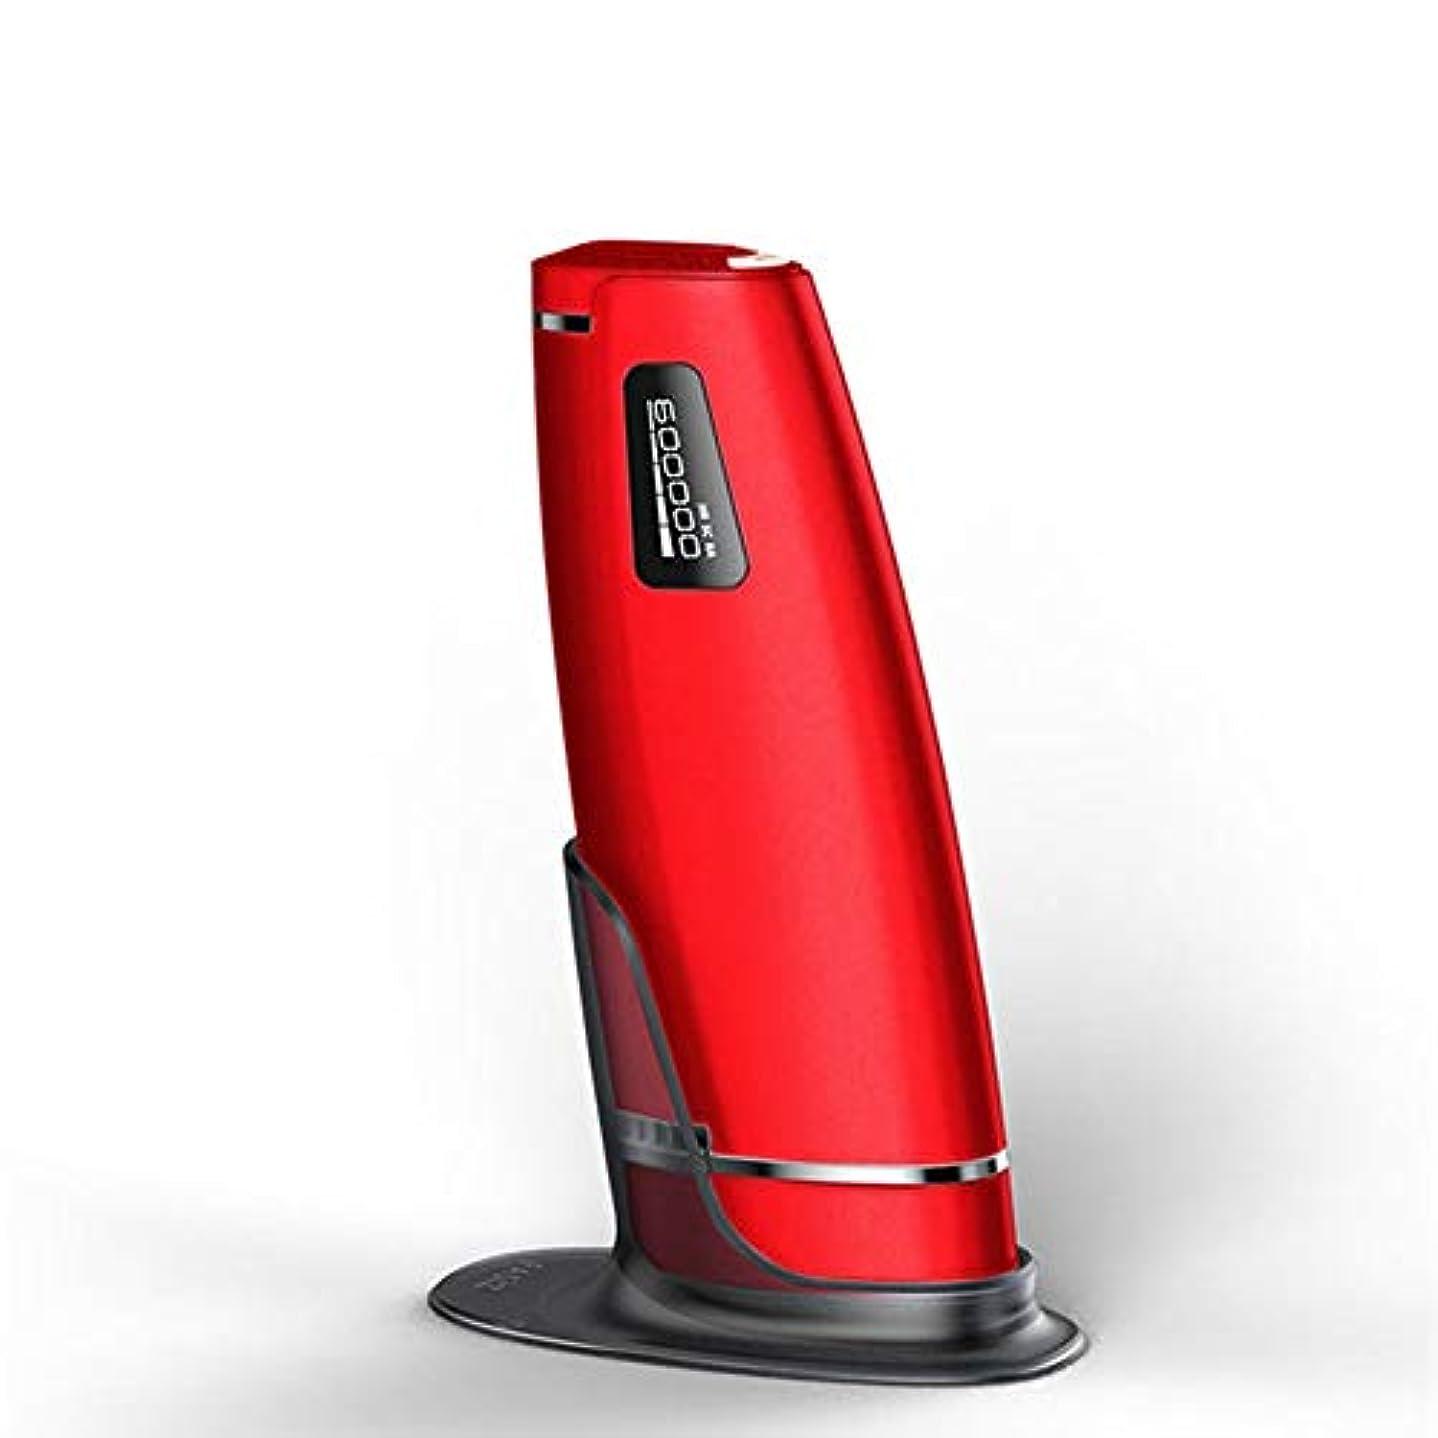 ペインギリック数学氷赤、デュアルモード、ホームオートマチック無痛脱毛剤、携帯用永久脱毛剤、5スピード調整、サイズ20.5 X 4.5 X 7 Cm 髪以外はきれい (Color : Red)